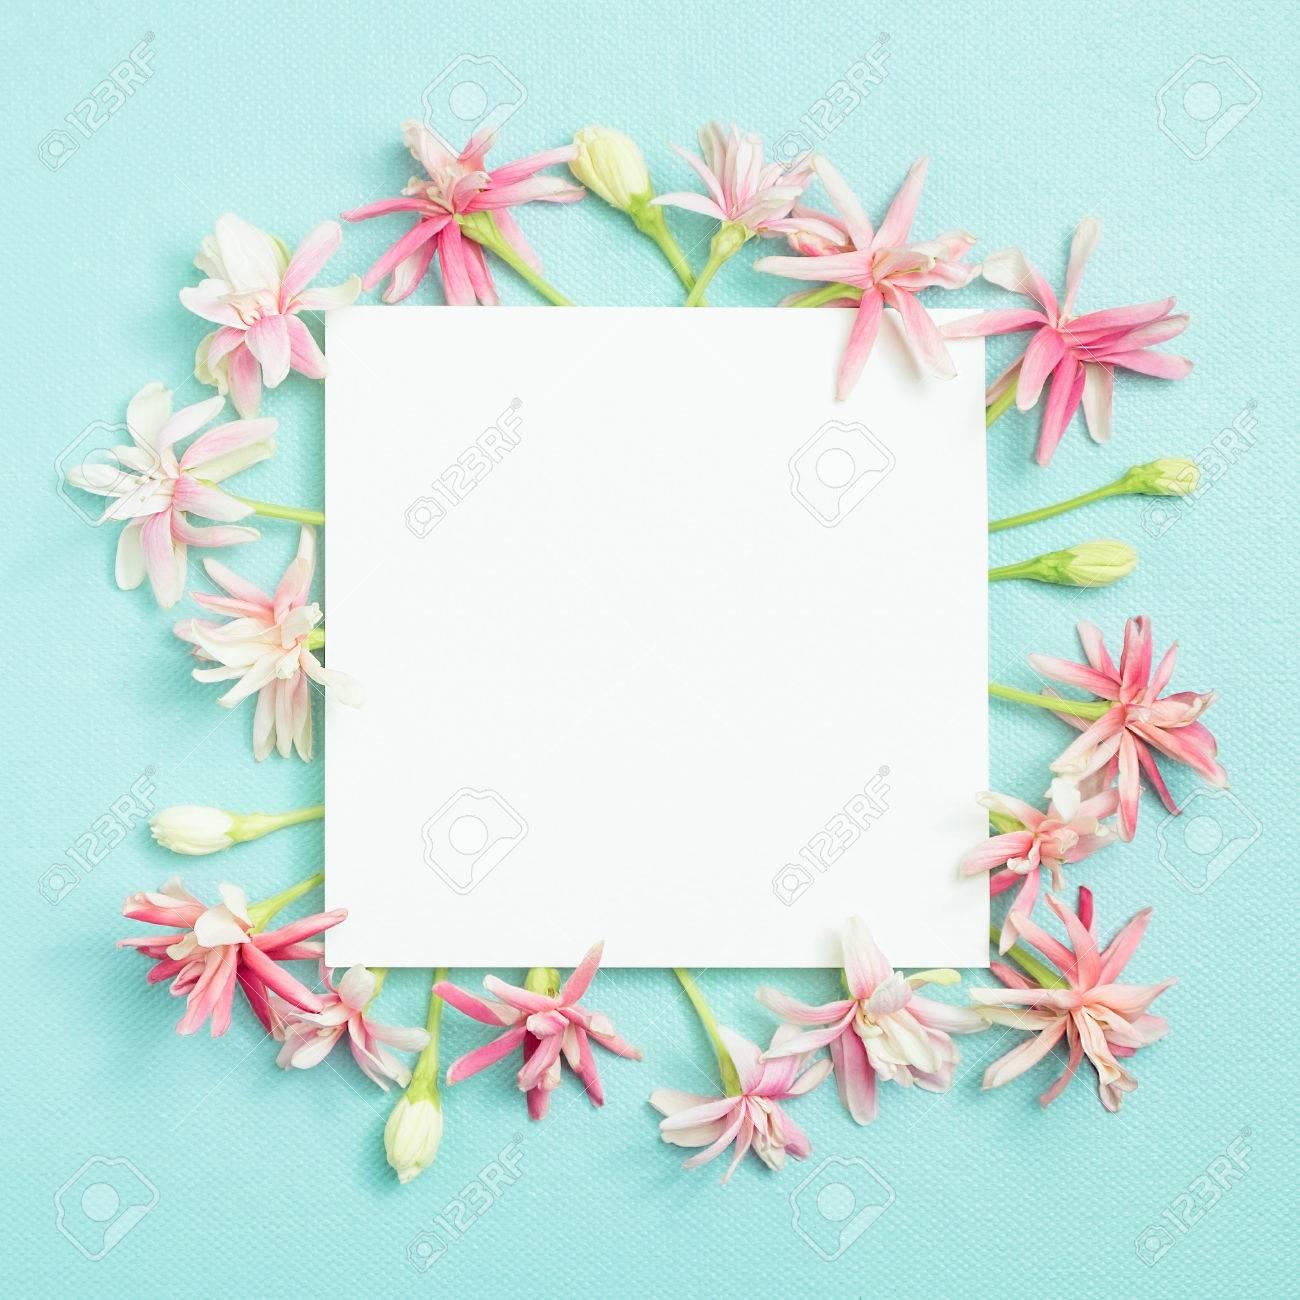 Pequeña Flor Encantadora En Blanco Tarjeta De Papel Vacía Sobre Fondo Azul Para Hacer Tarjetas En El Día De La Madre Invitación De Boda Aniversario